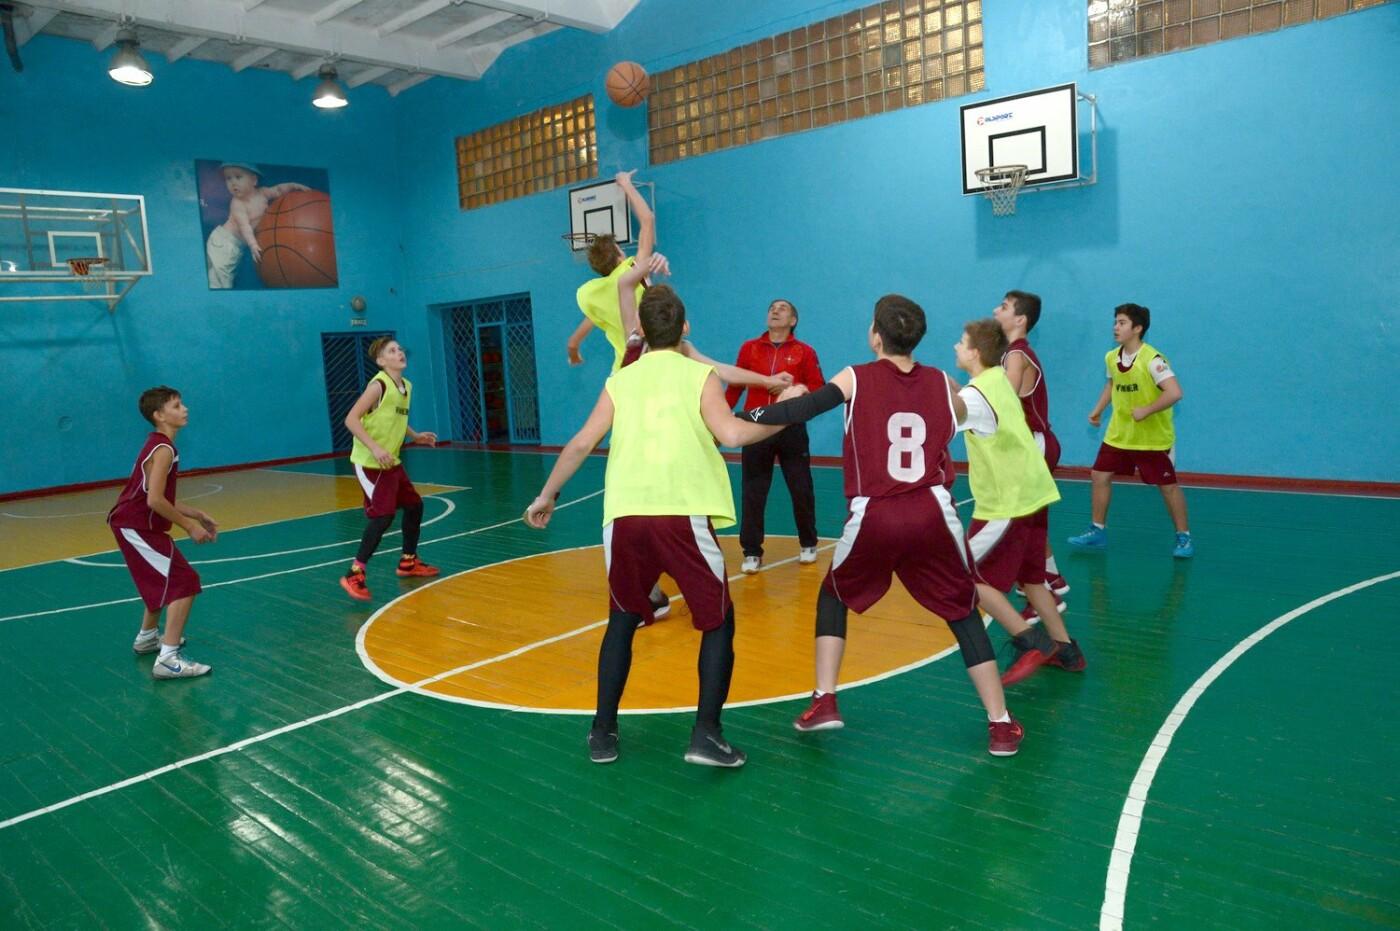 Попечительские советы под эгидой Фонда Бориса Колесникова реализуют социальные проекты в Донецкой области, фото-8